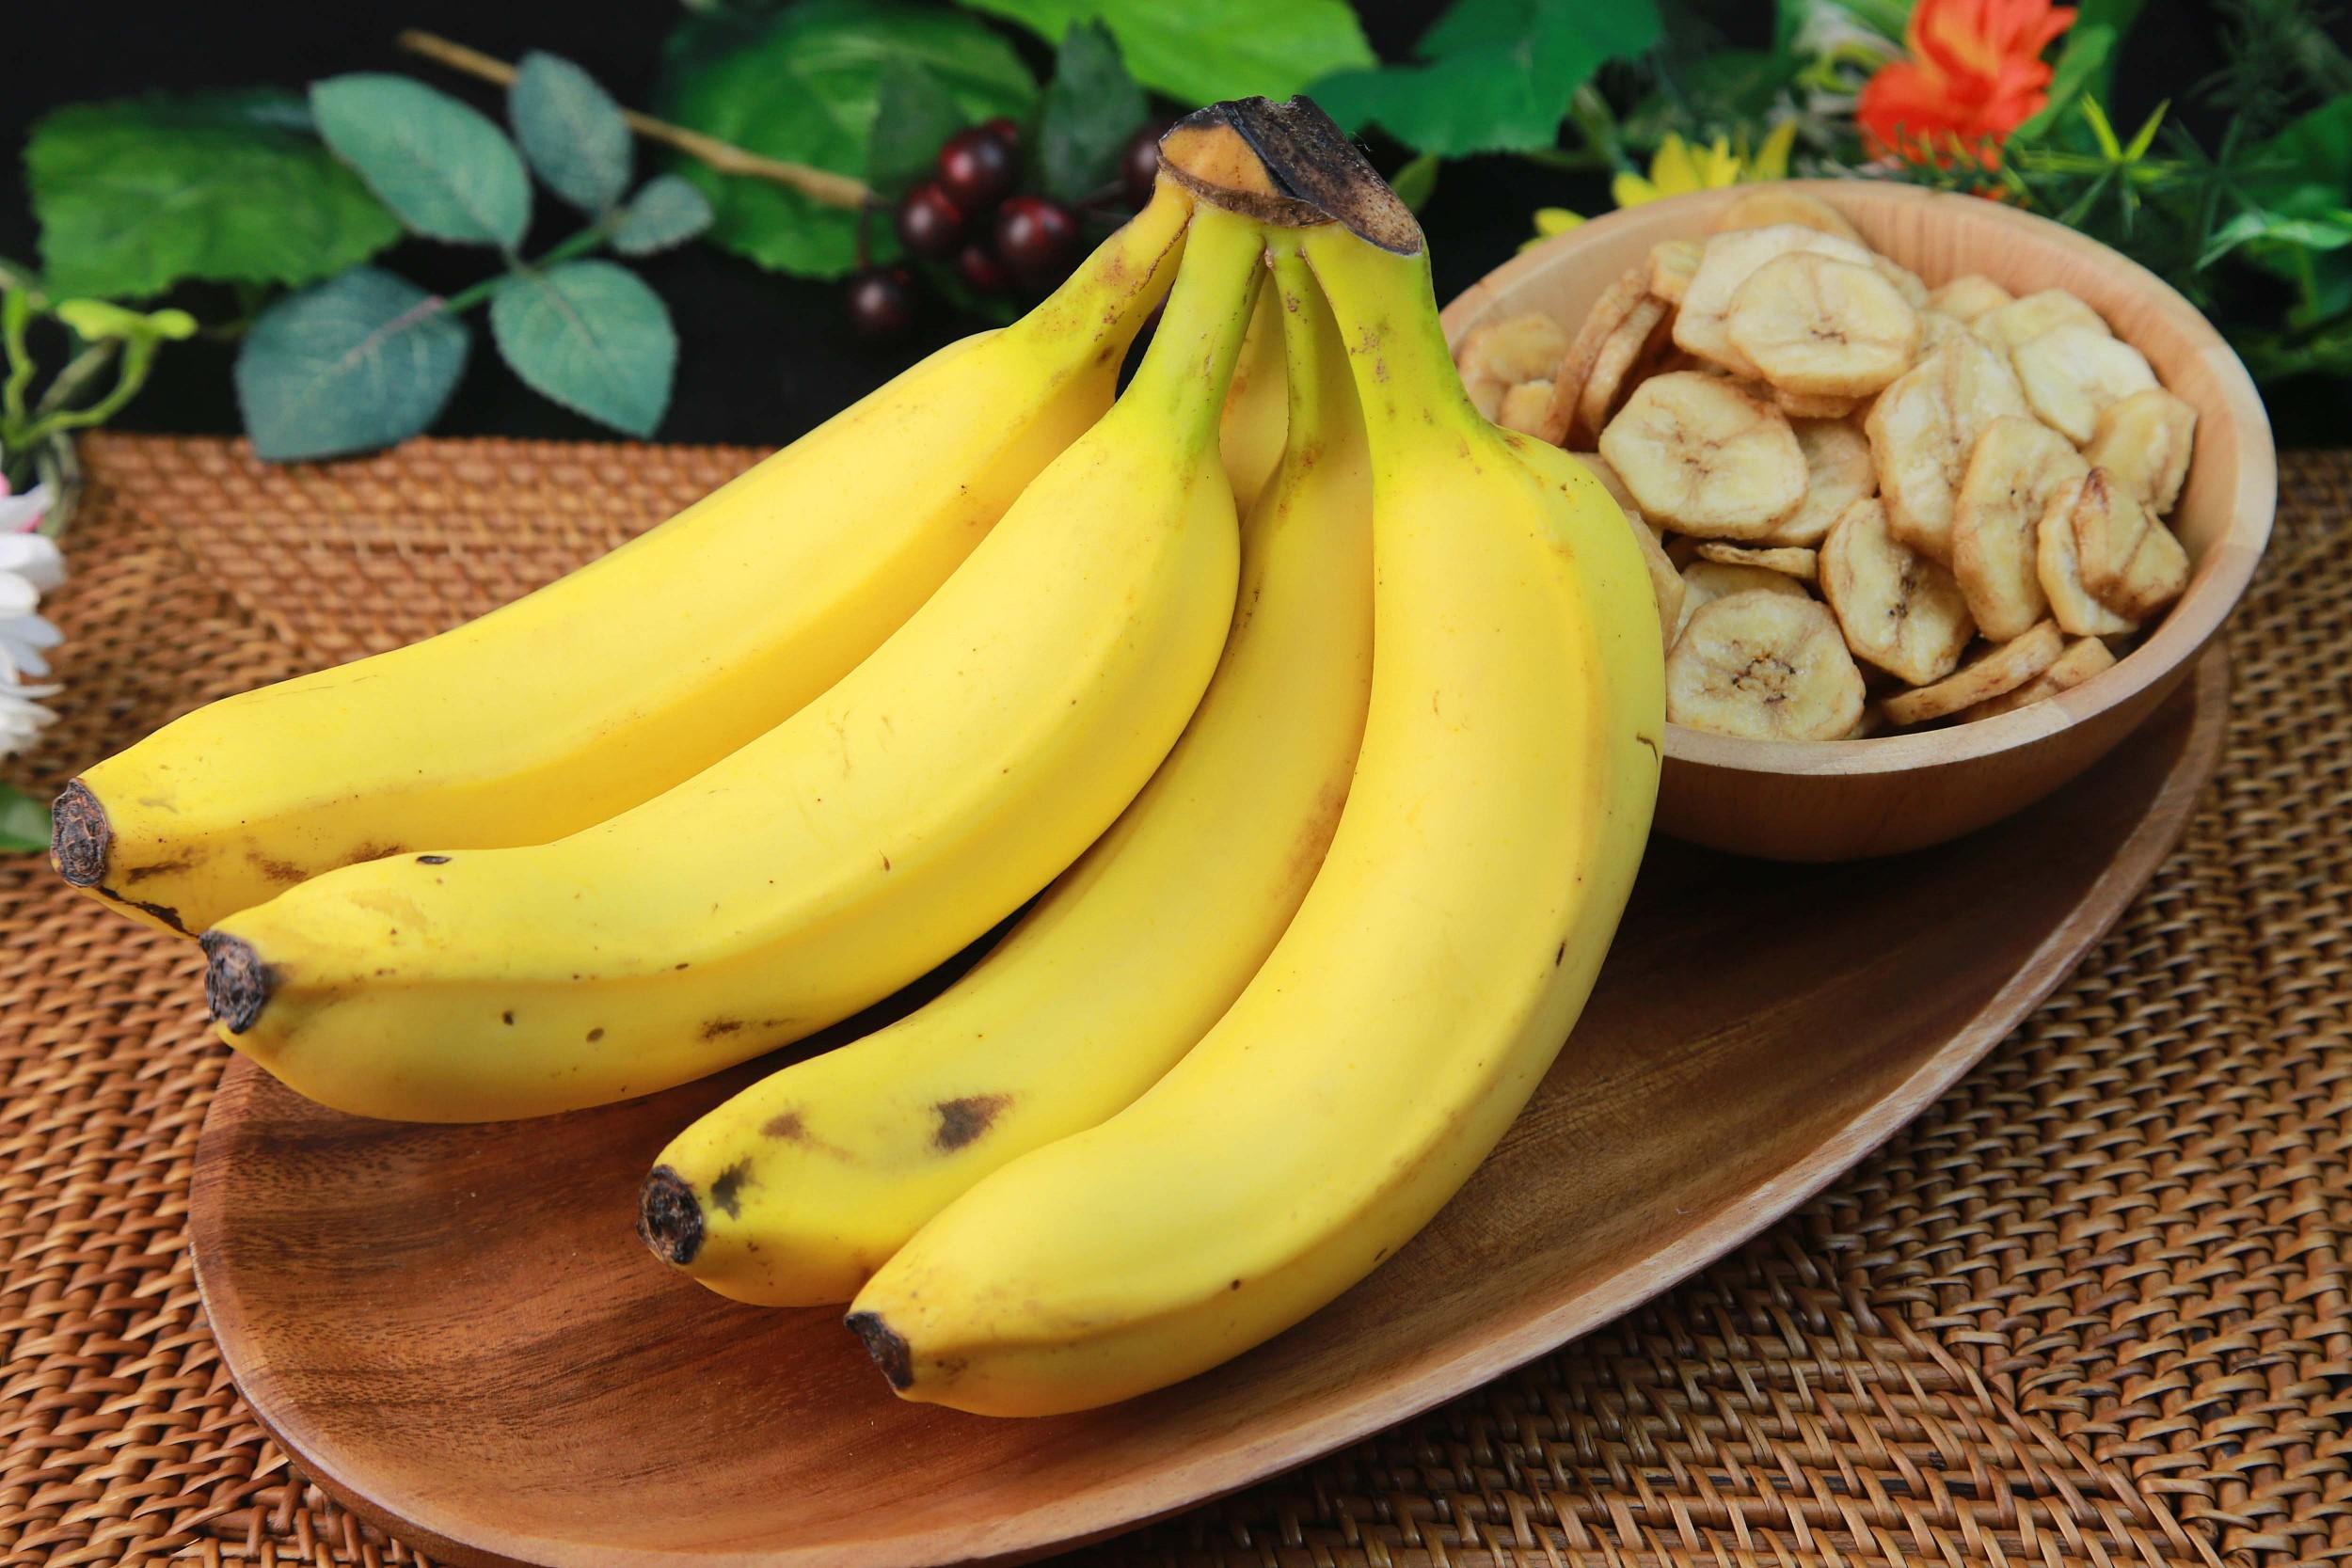 运动员们为何偏爱香蕉?普通人吃香蕉需要注意啥?